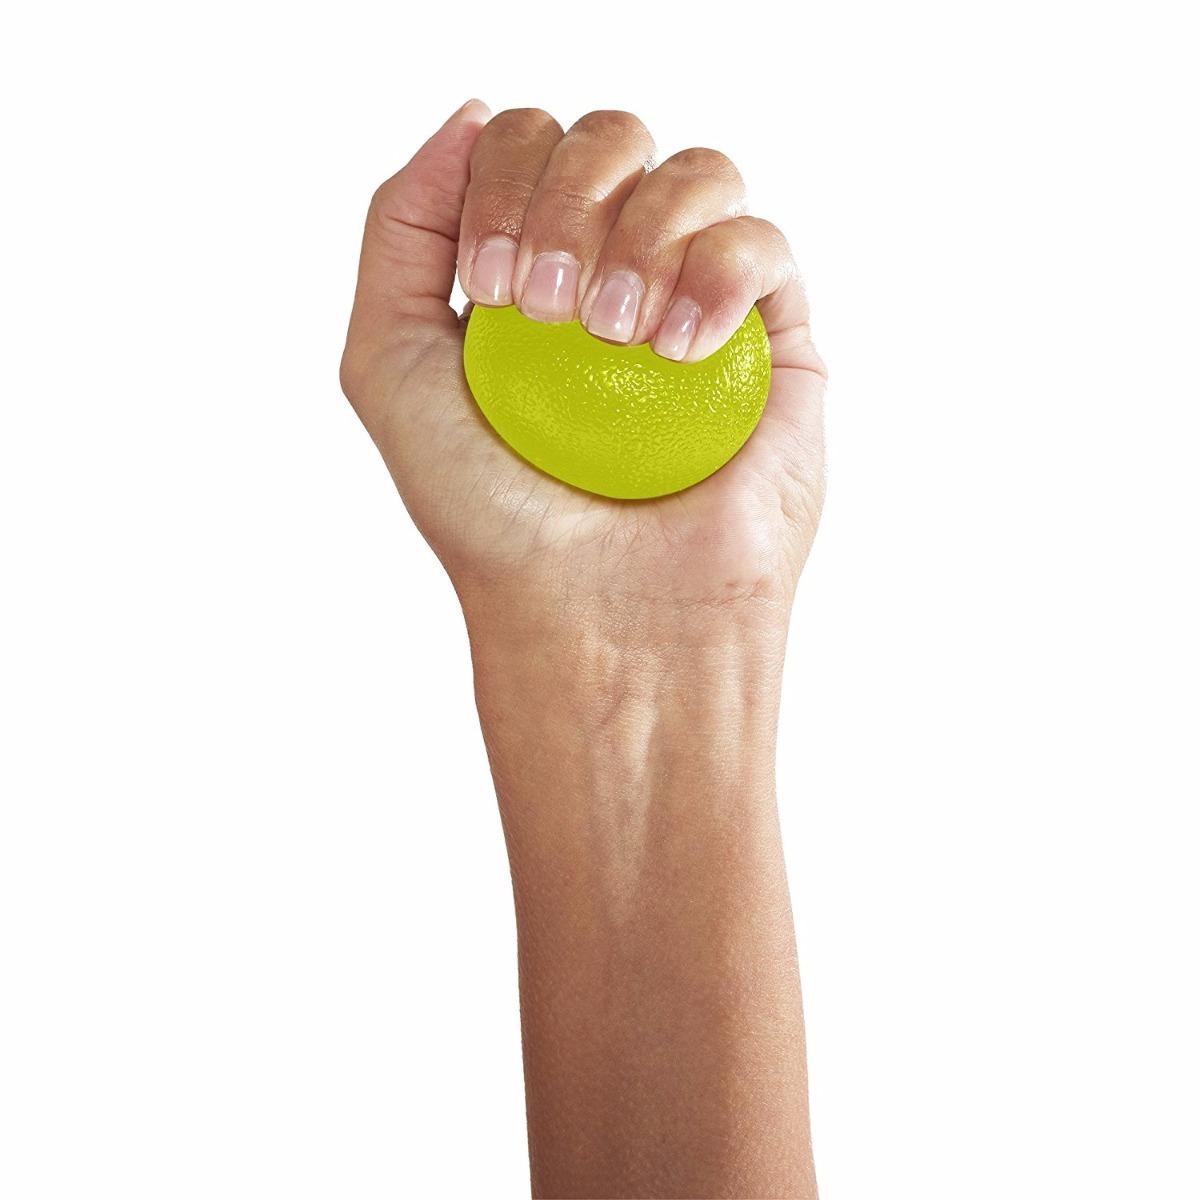 pelotas de terapia ejercicio dura blanda media  envio gratis. Cargando zoom. be33d53c327e